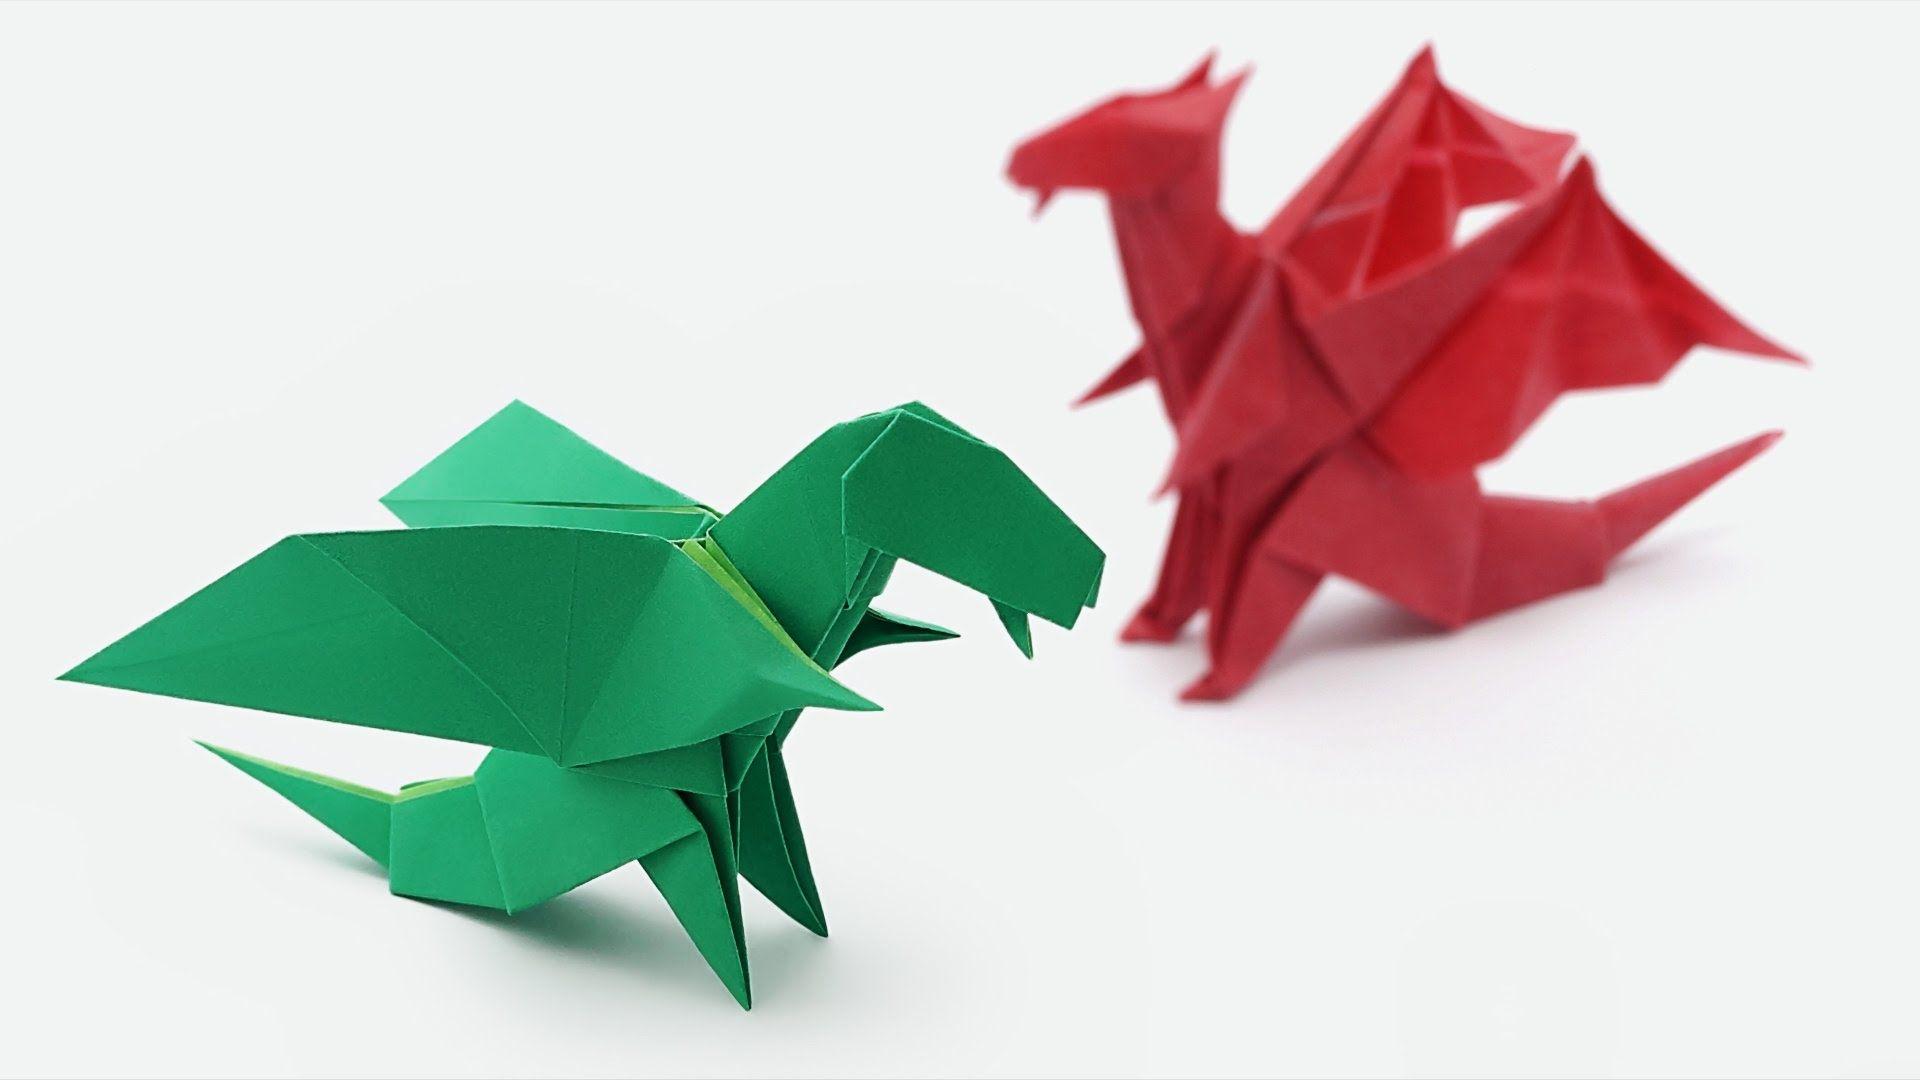 Origami Chibi Dragon Jo Nakashima Origami Easy Easy Origami Dragon Origami Dragon